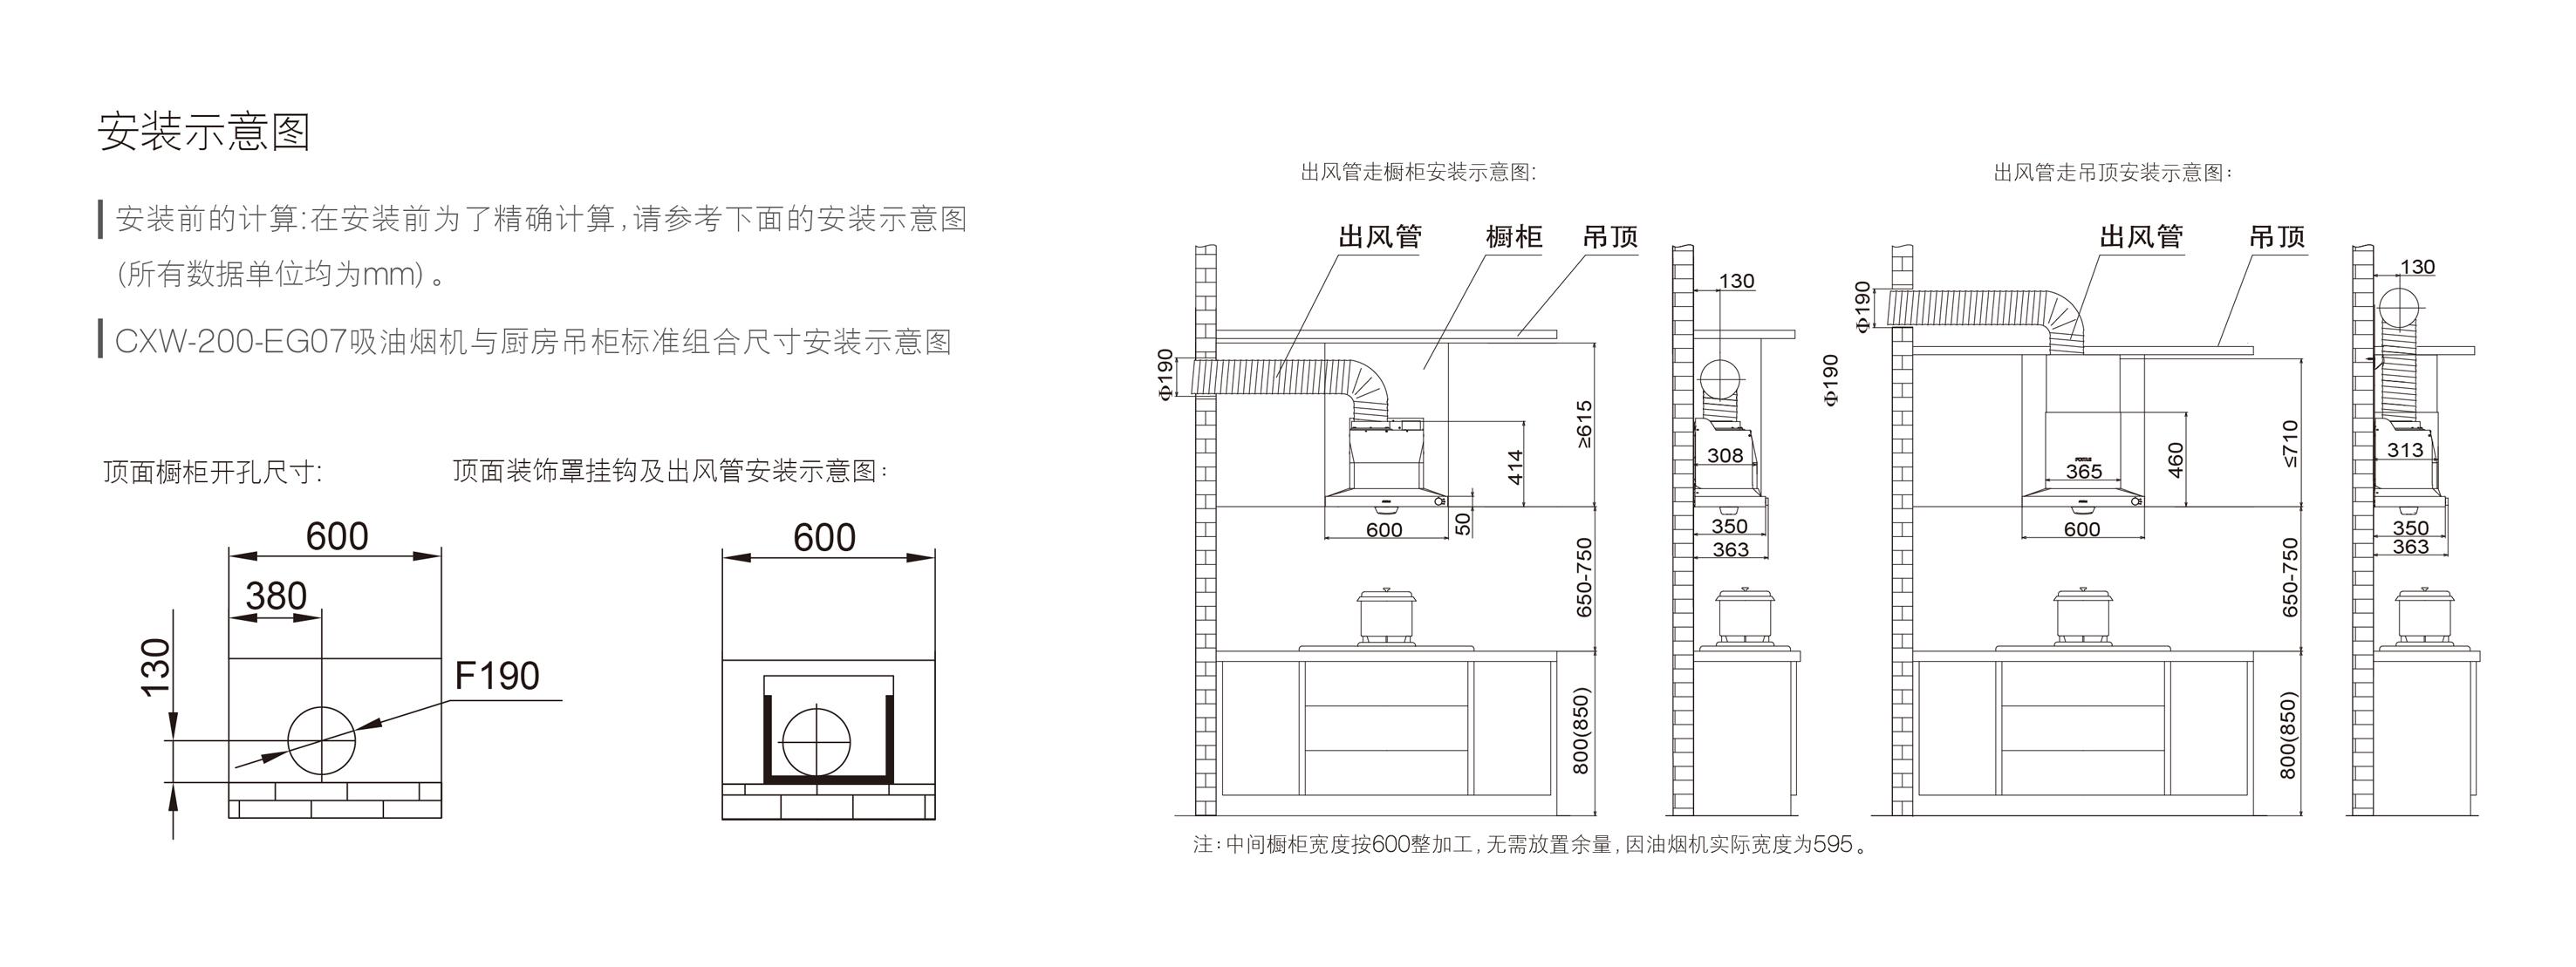 彩28彩票CXW-200-EG07装置表示图